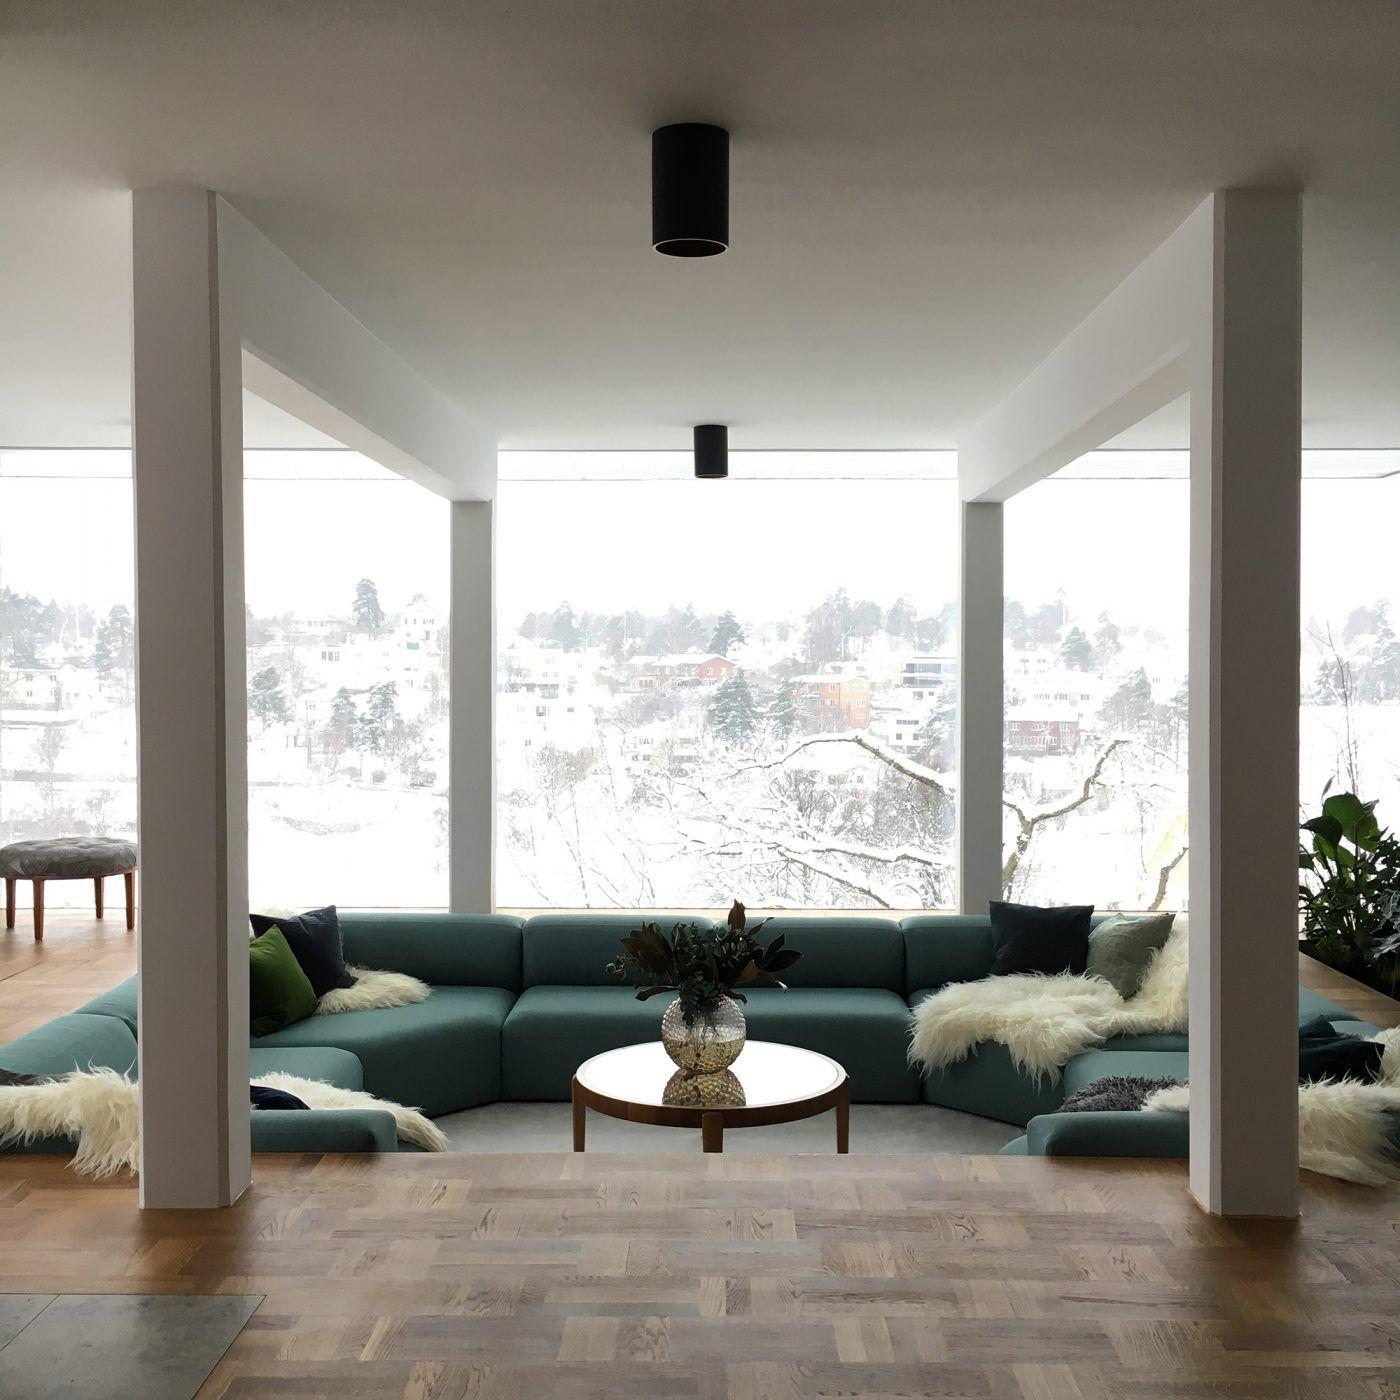 Sunken living room design by Joanna Lavén. conversation pit